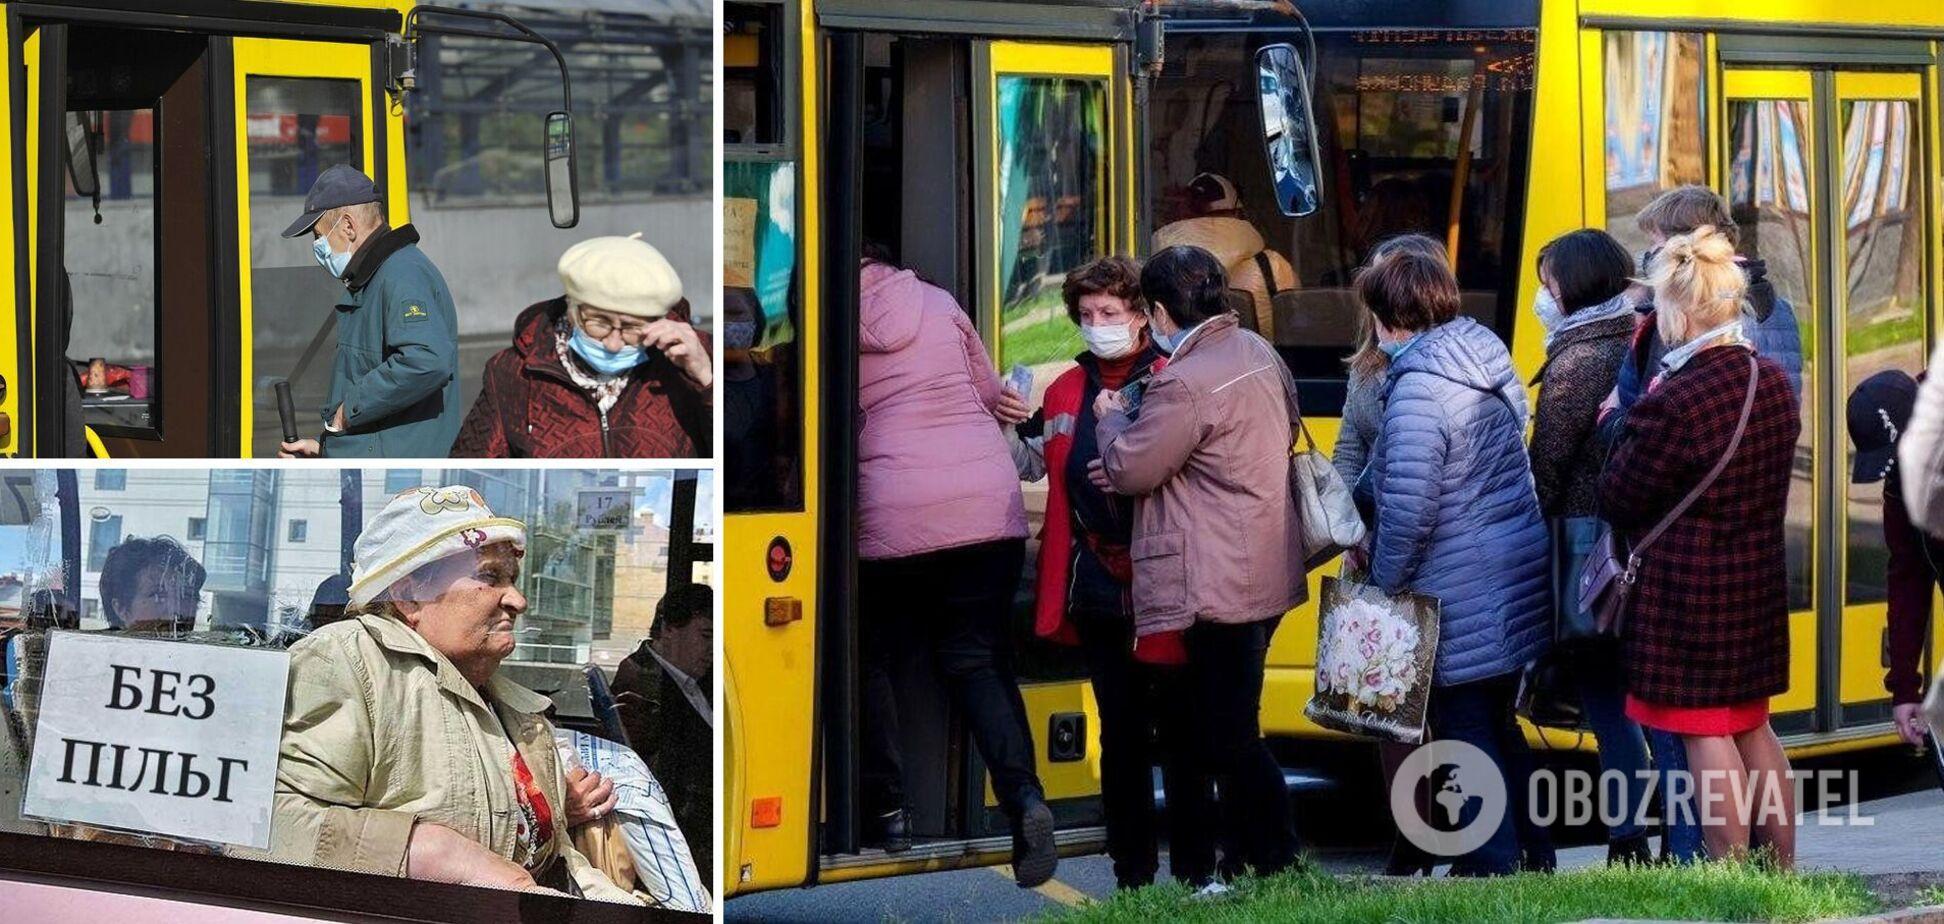 В Украине хотят отменить бесплатный проезд в транспорте: как вместо льгот раздадут деньги